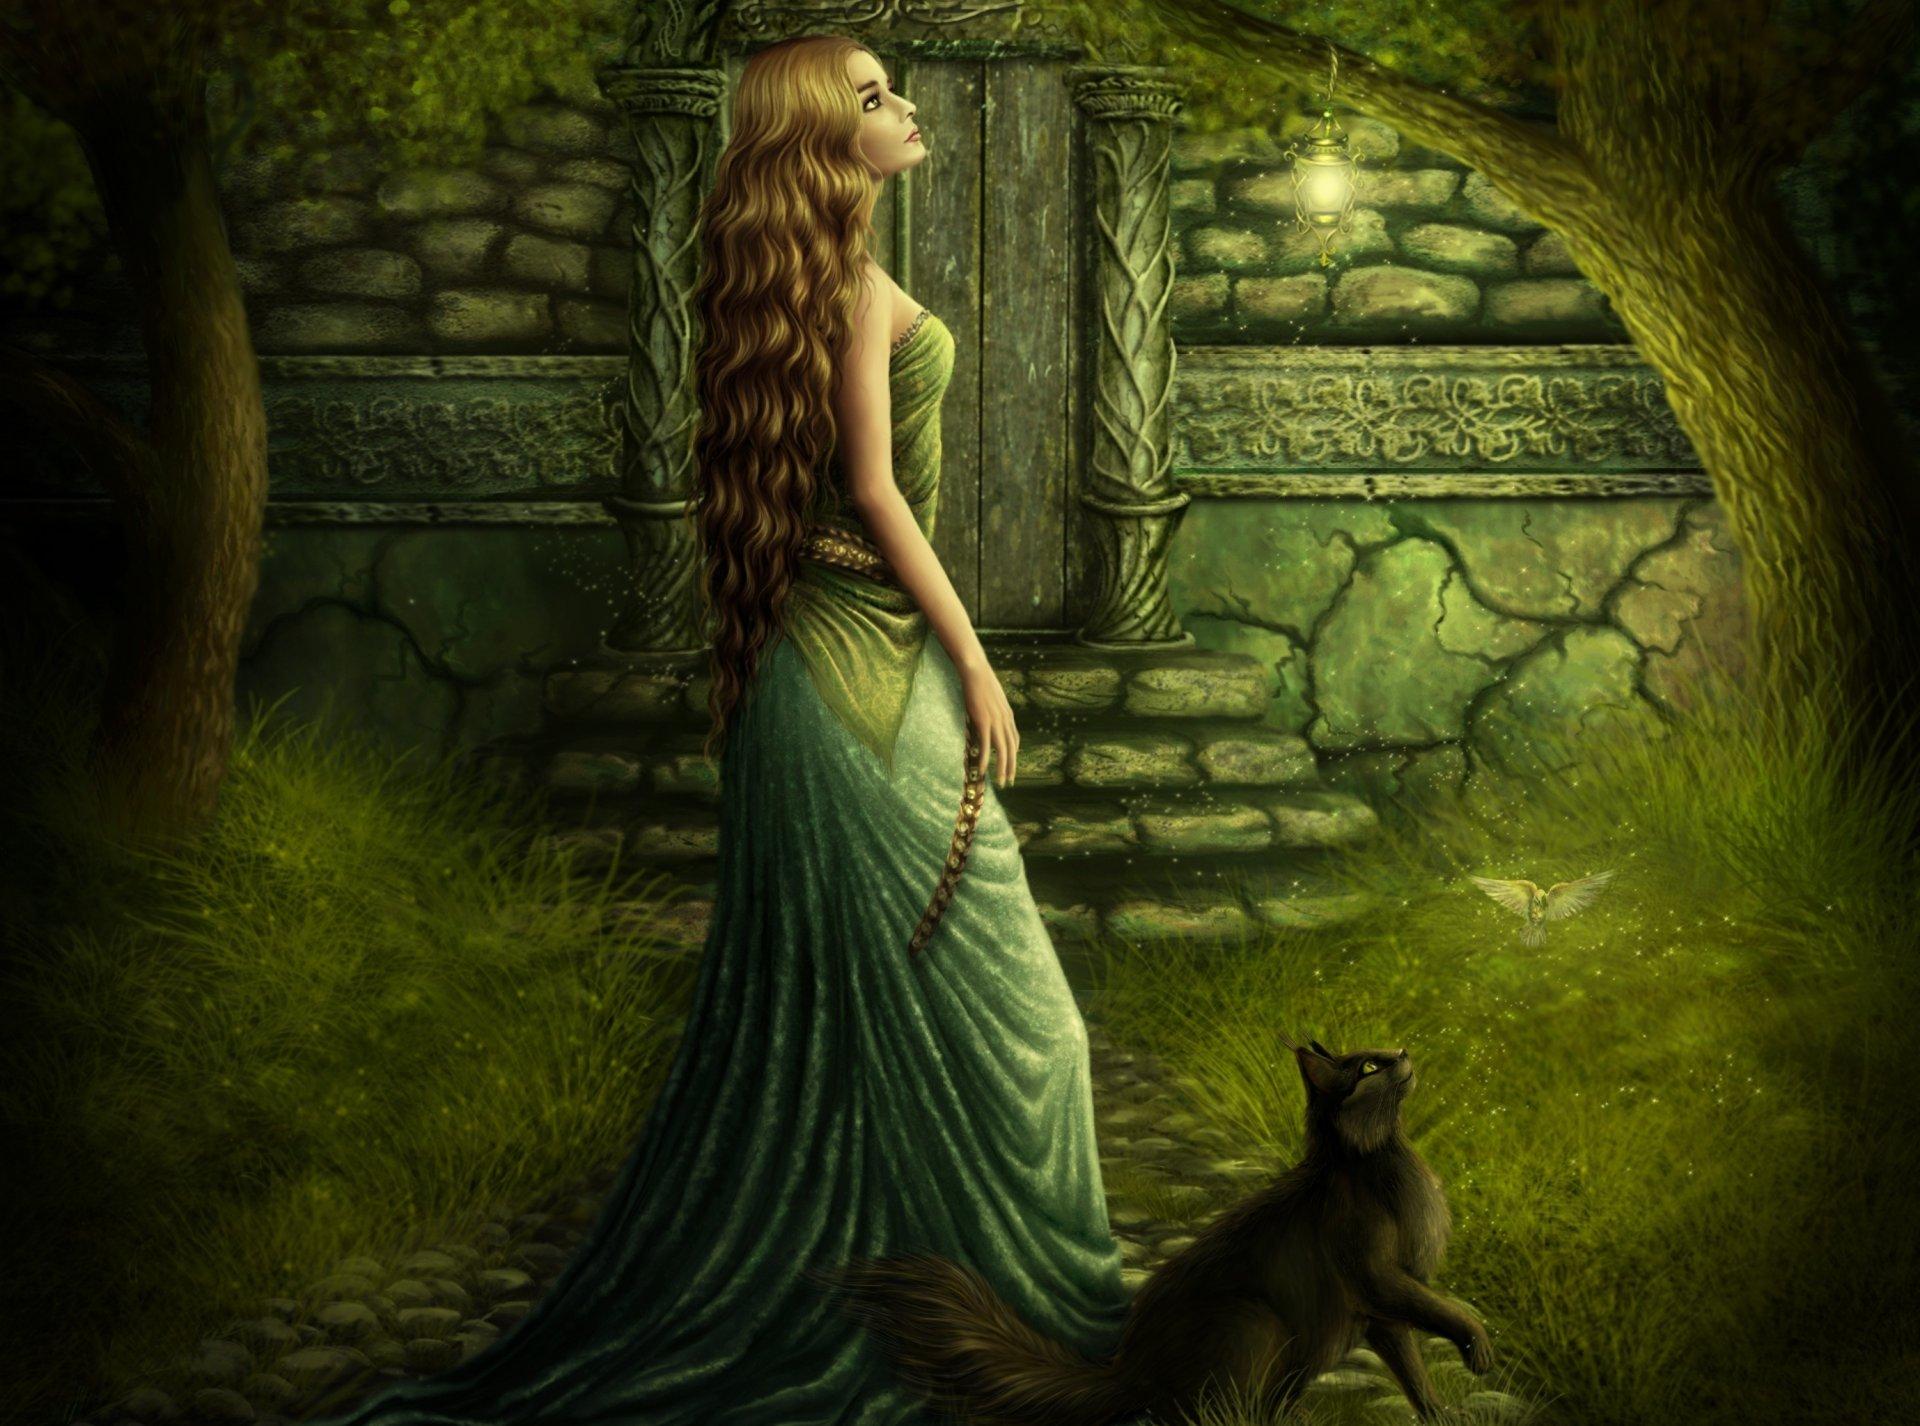 красивые мистические открытки красоты цветы, которые